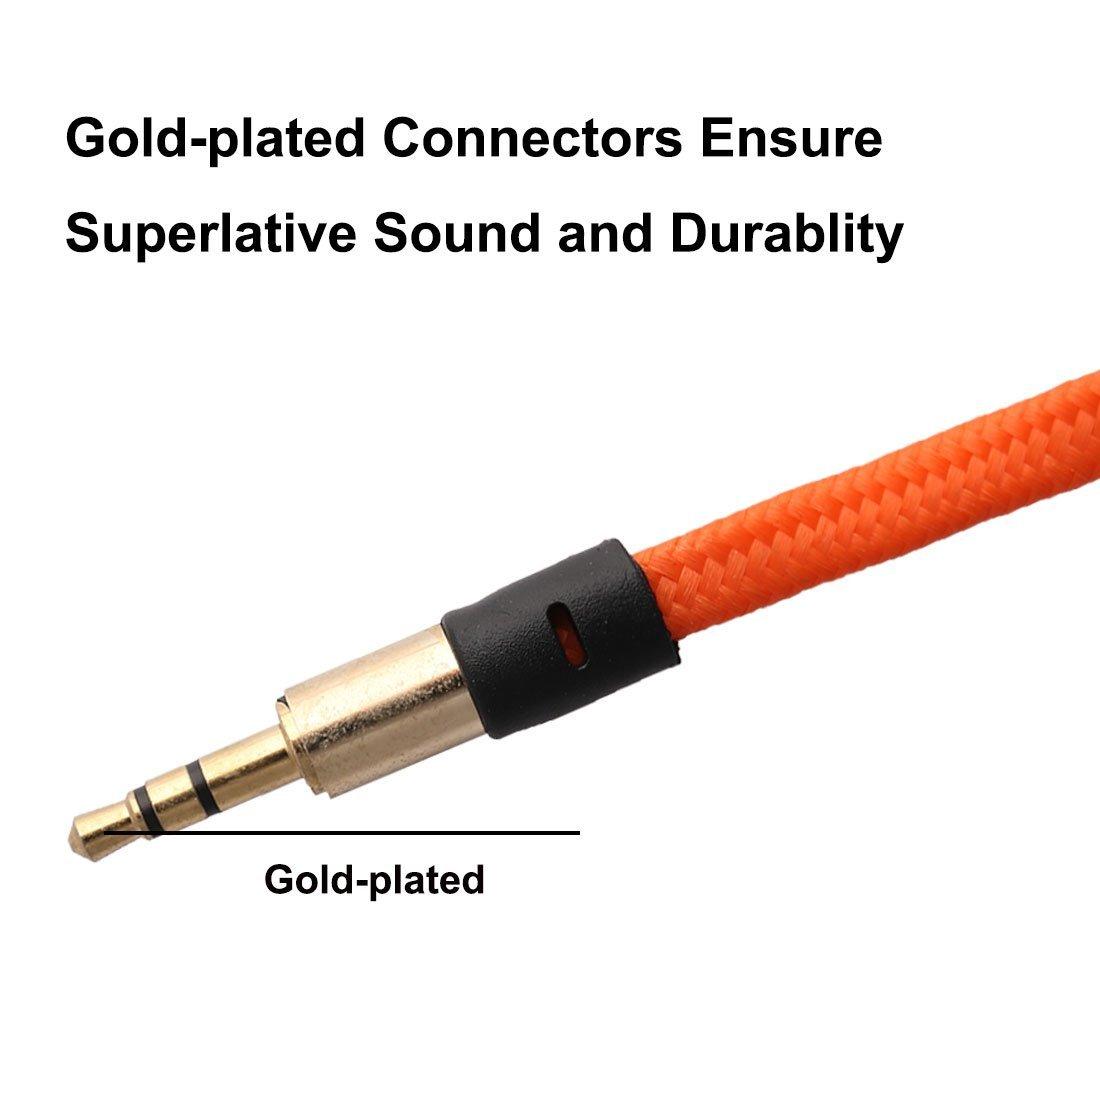 Amazon.com: eDealMax Nylon reproductores de MP3 3.5mm Macho a la cuerda del Cable de extensión Audio Masculino Plana Larga del 1M Naranja: Electronics